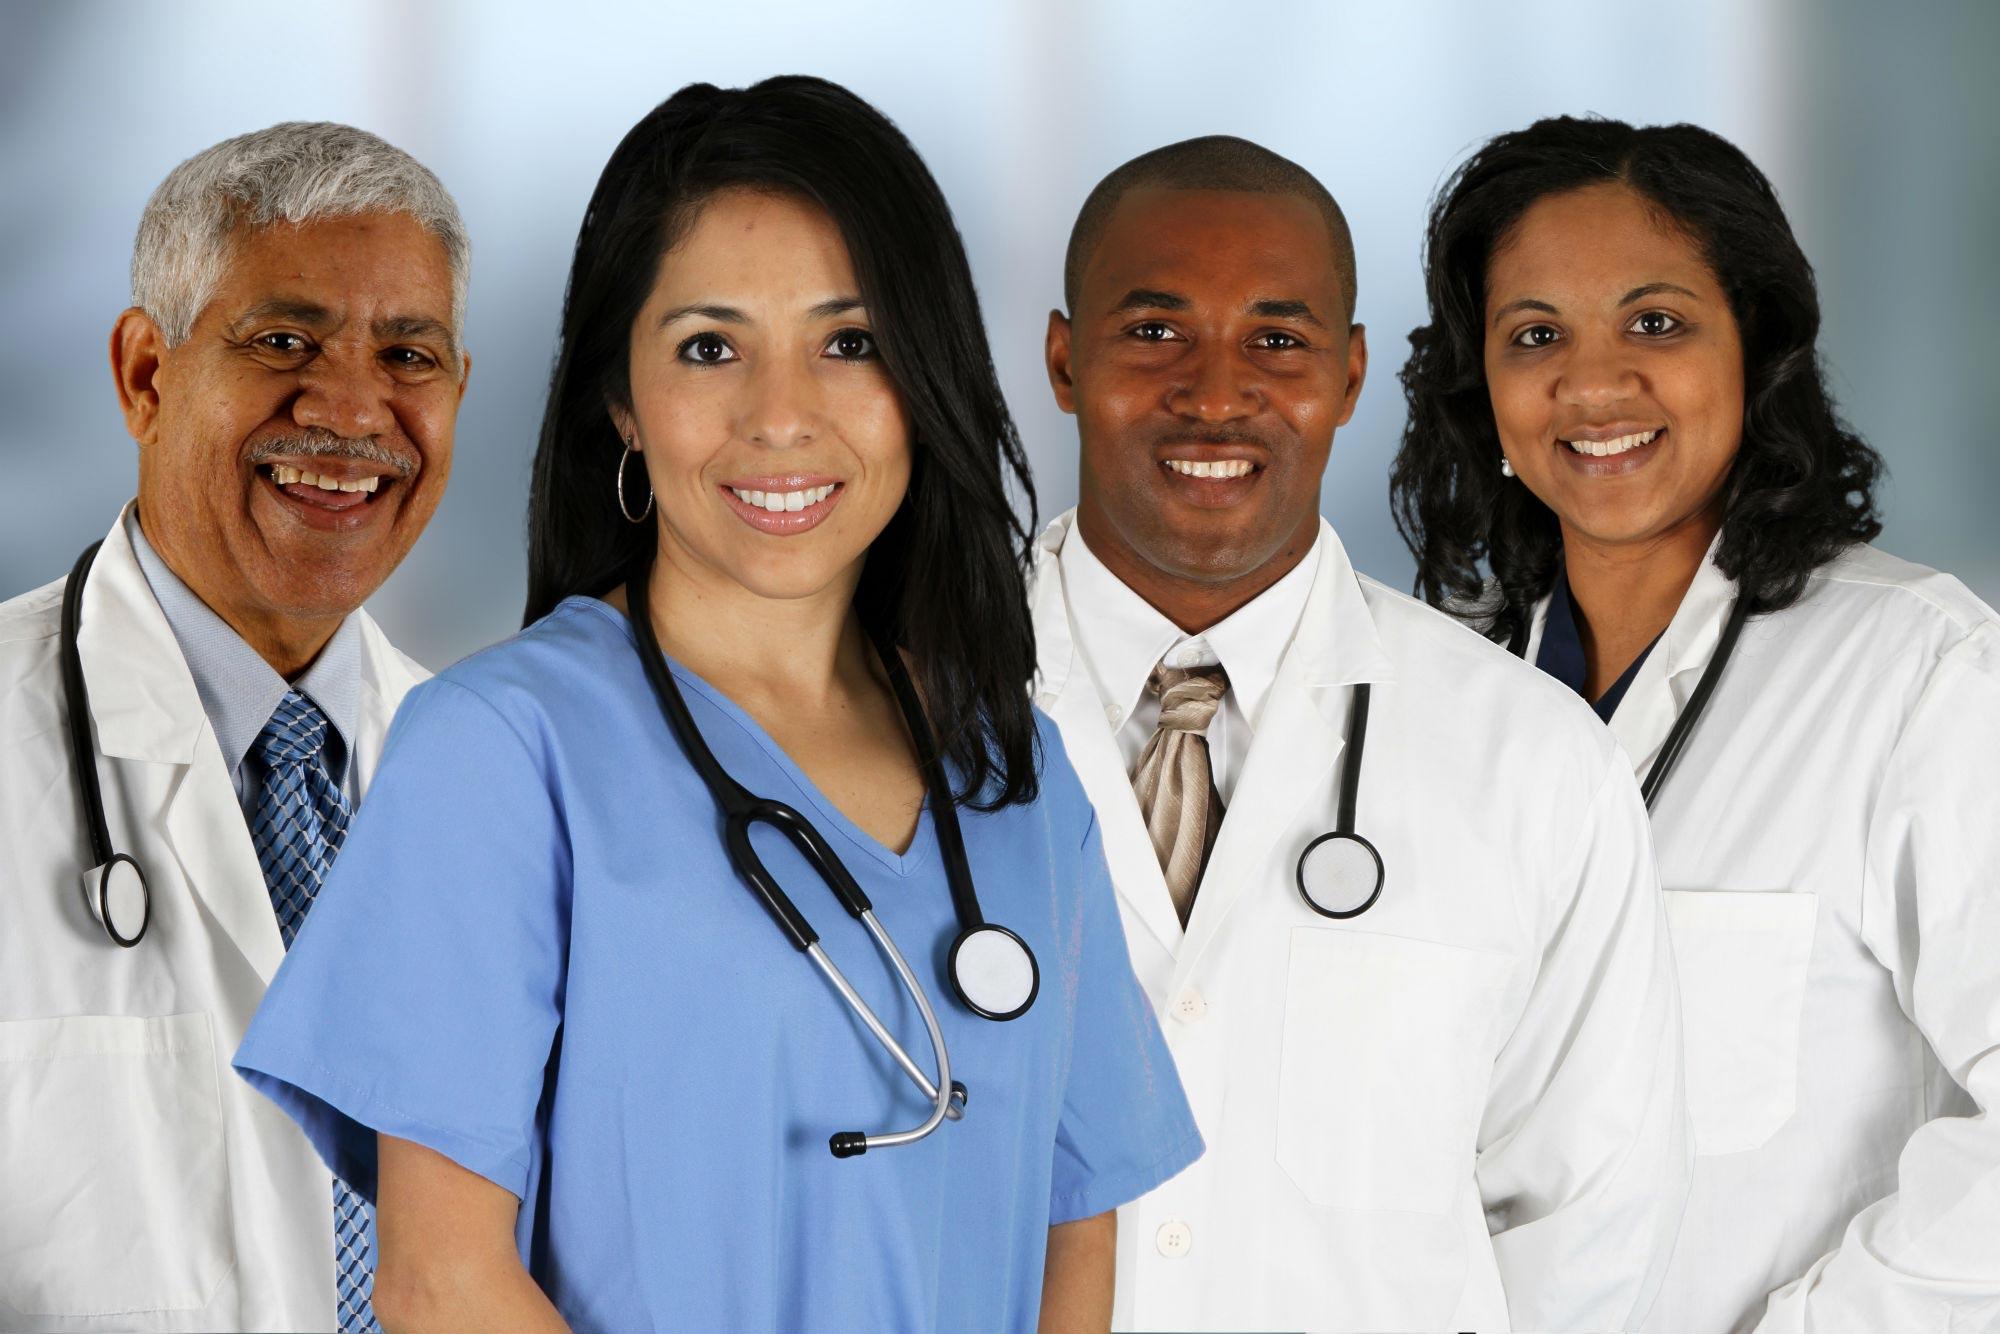 medicos-saude-auditiva